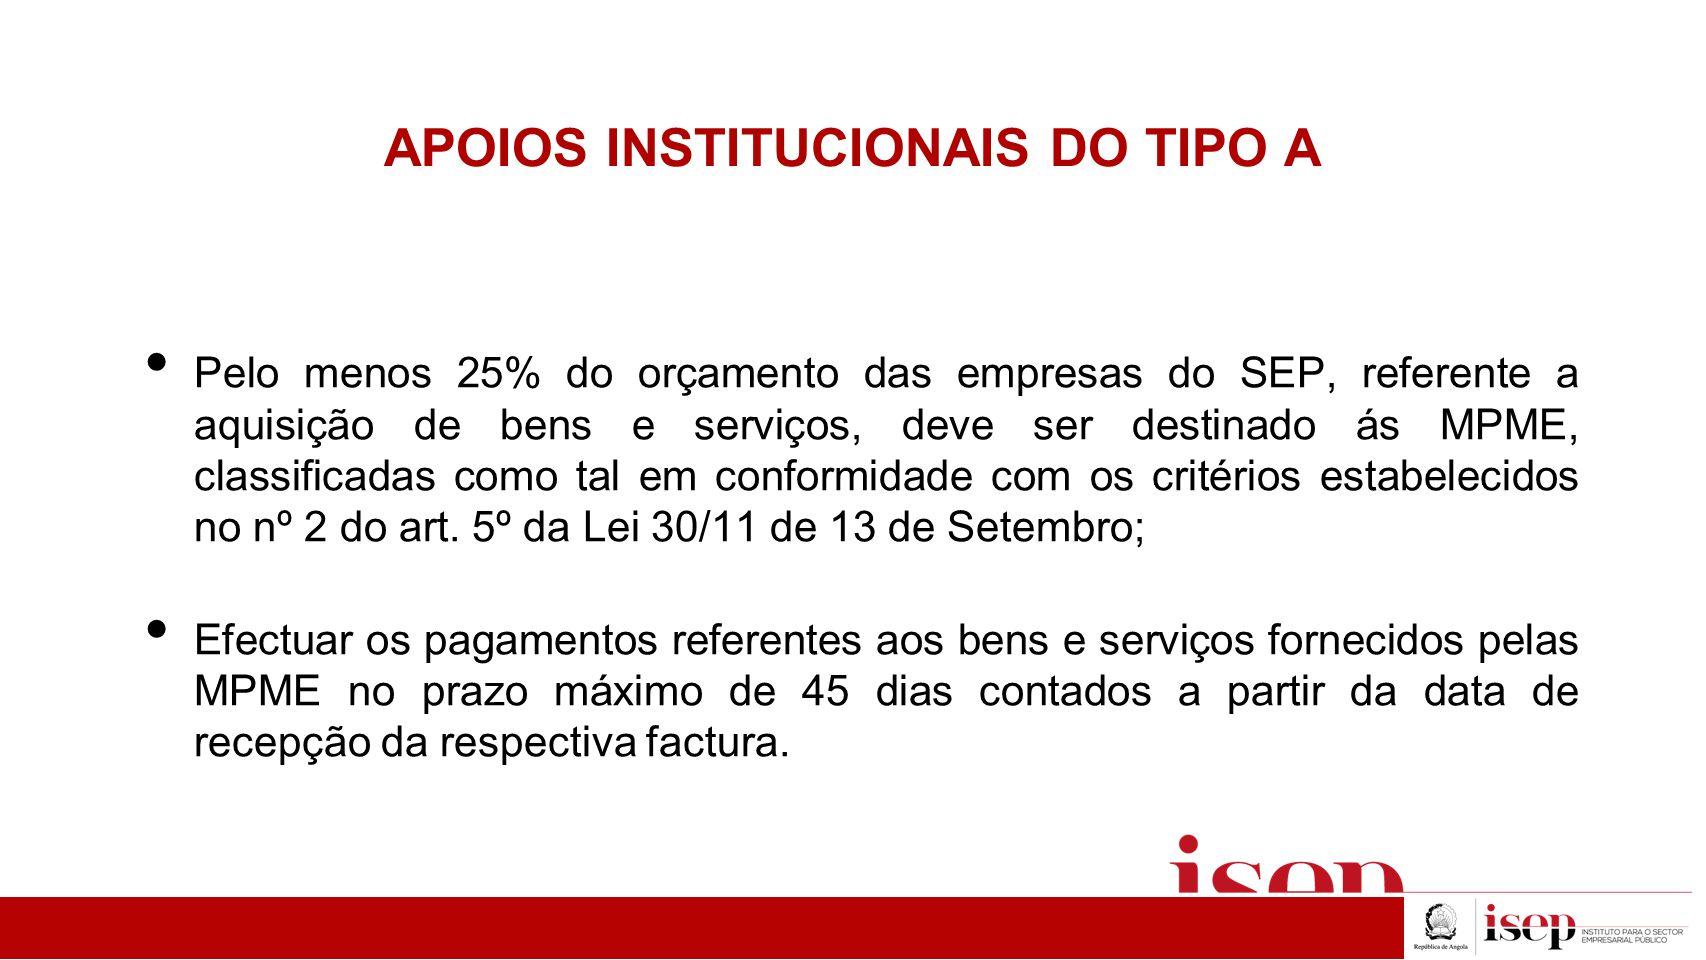 APOIOS INSTITUCIONAIS DO TIPO A Pelo menos 25% do orçamento das empresas do SEP, referente a aquisição de bens e serviços, deve ser destinado ás MPME, classificadas como tal em conformidade com os critérios estabelecidos no nº 2 do art.